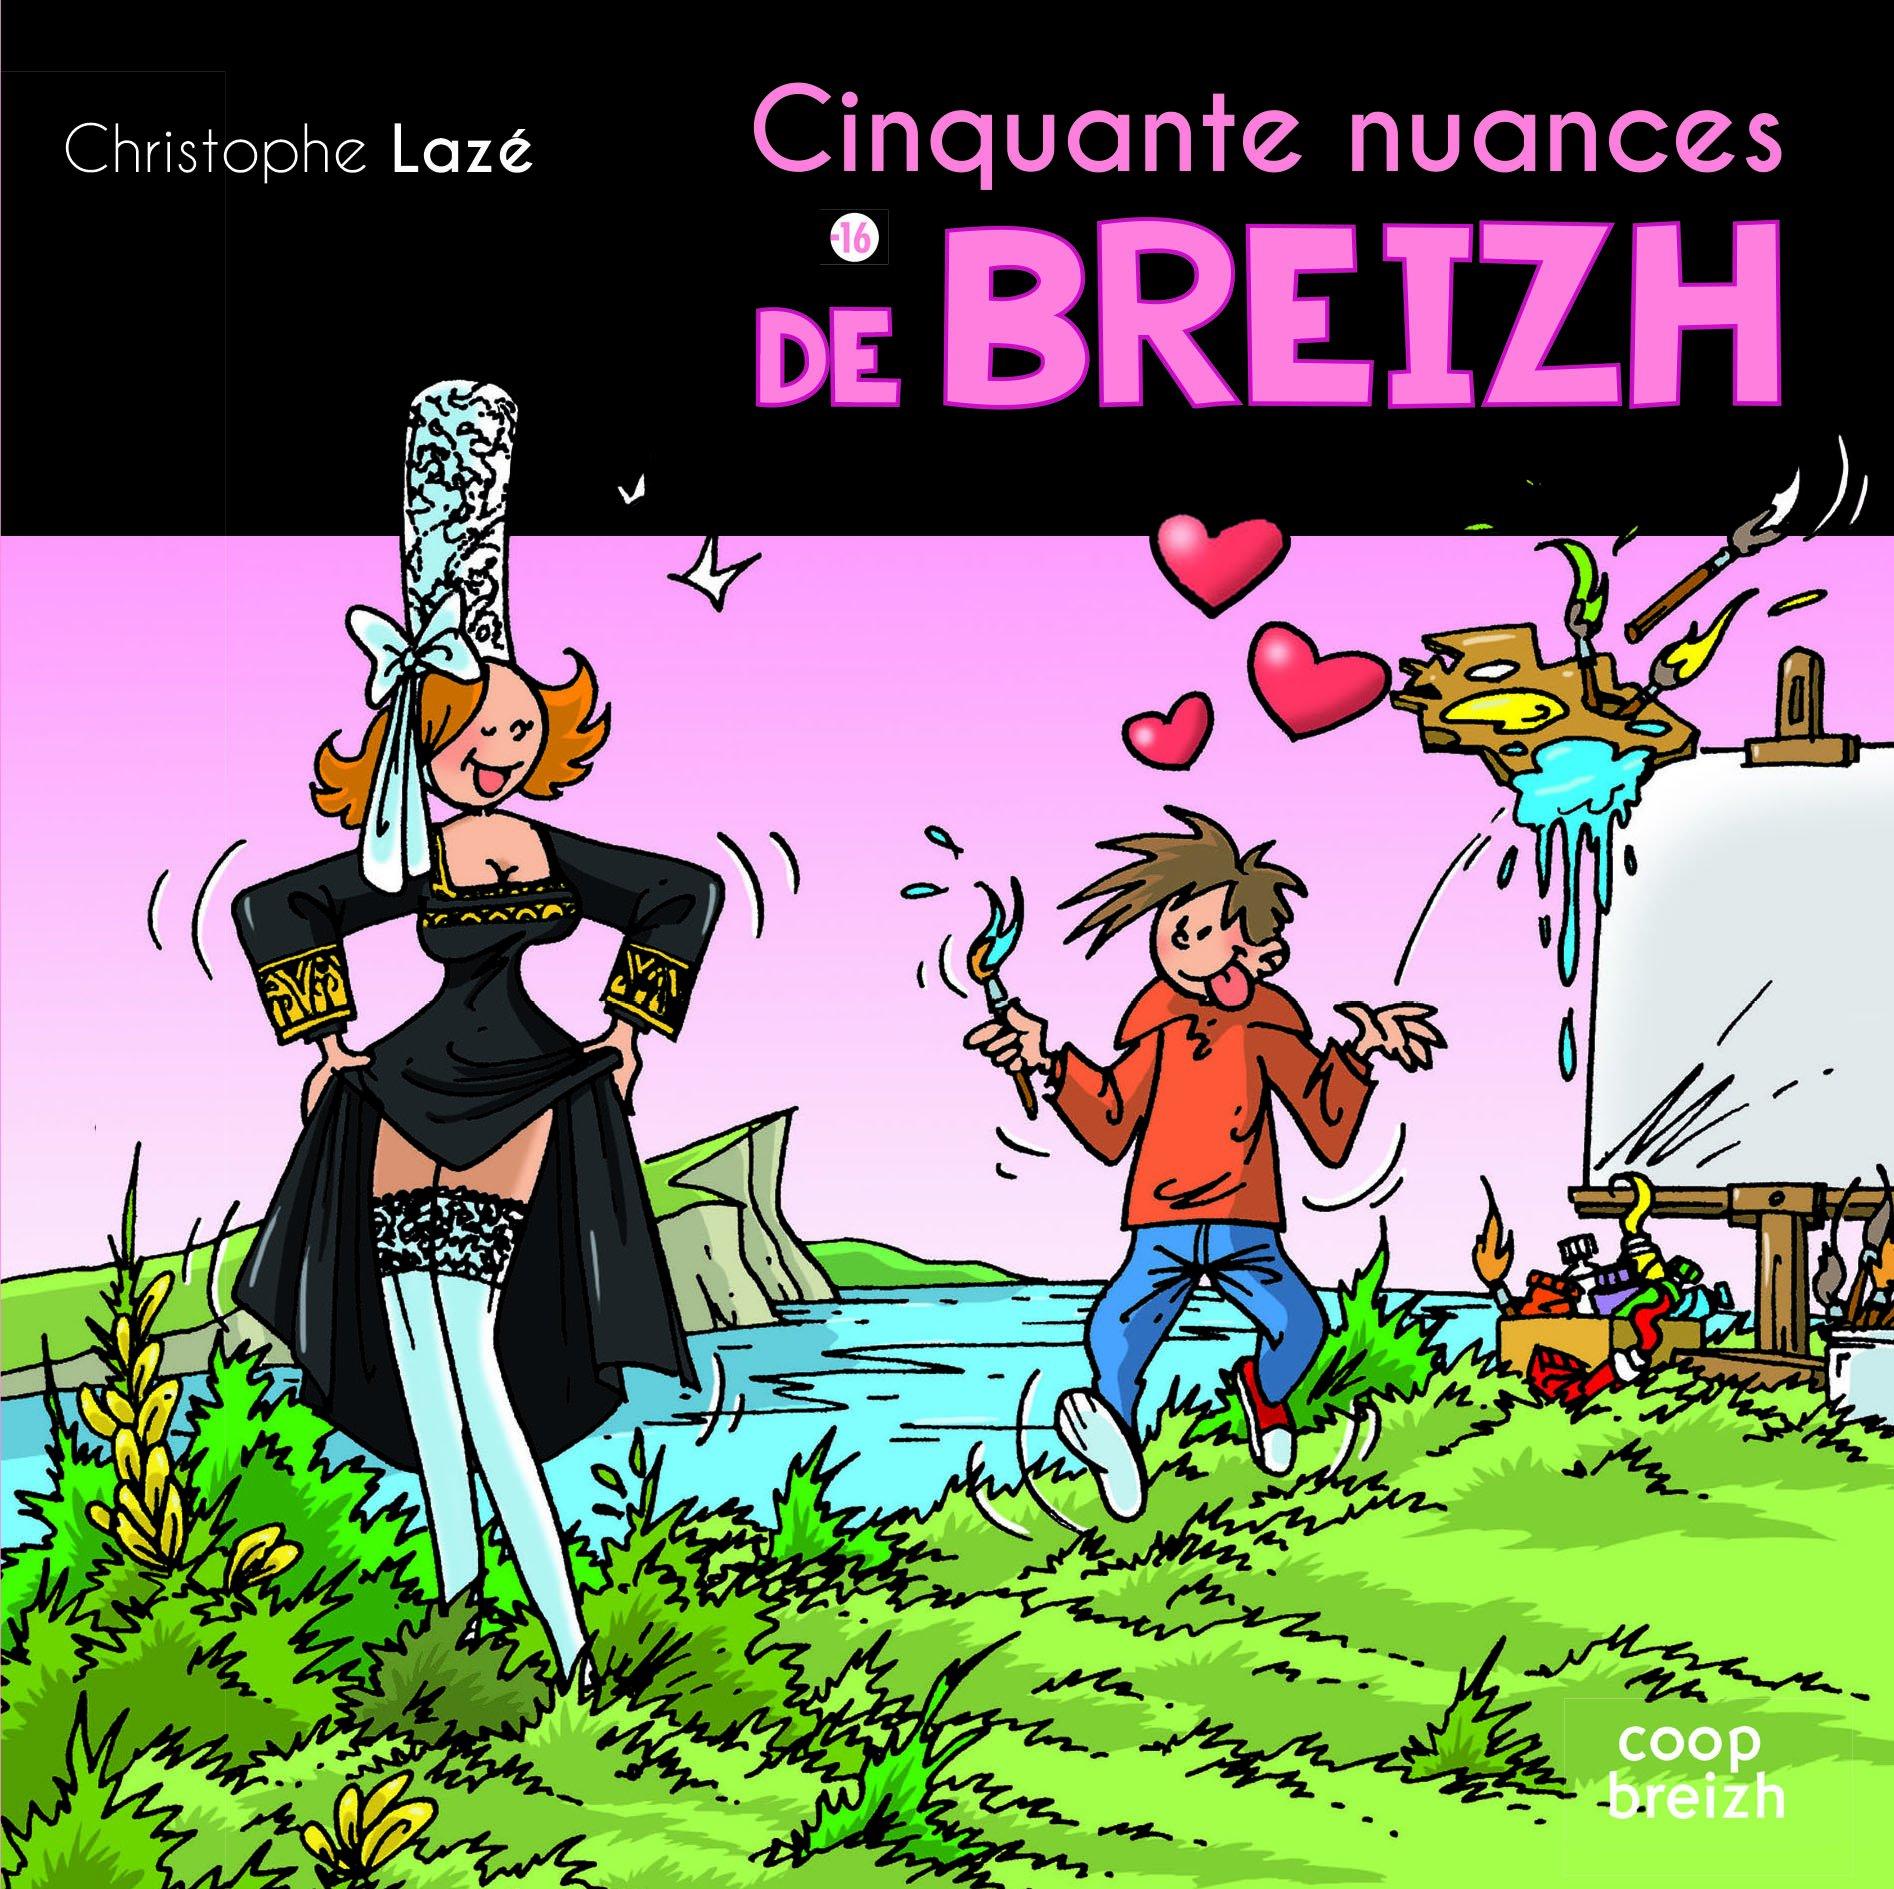 Cinquante nuances de Breizh por Christophe Lazé